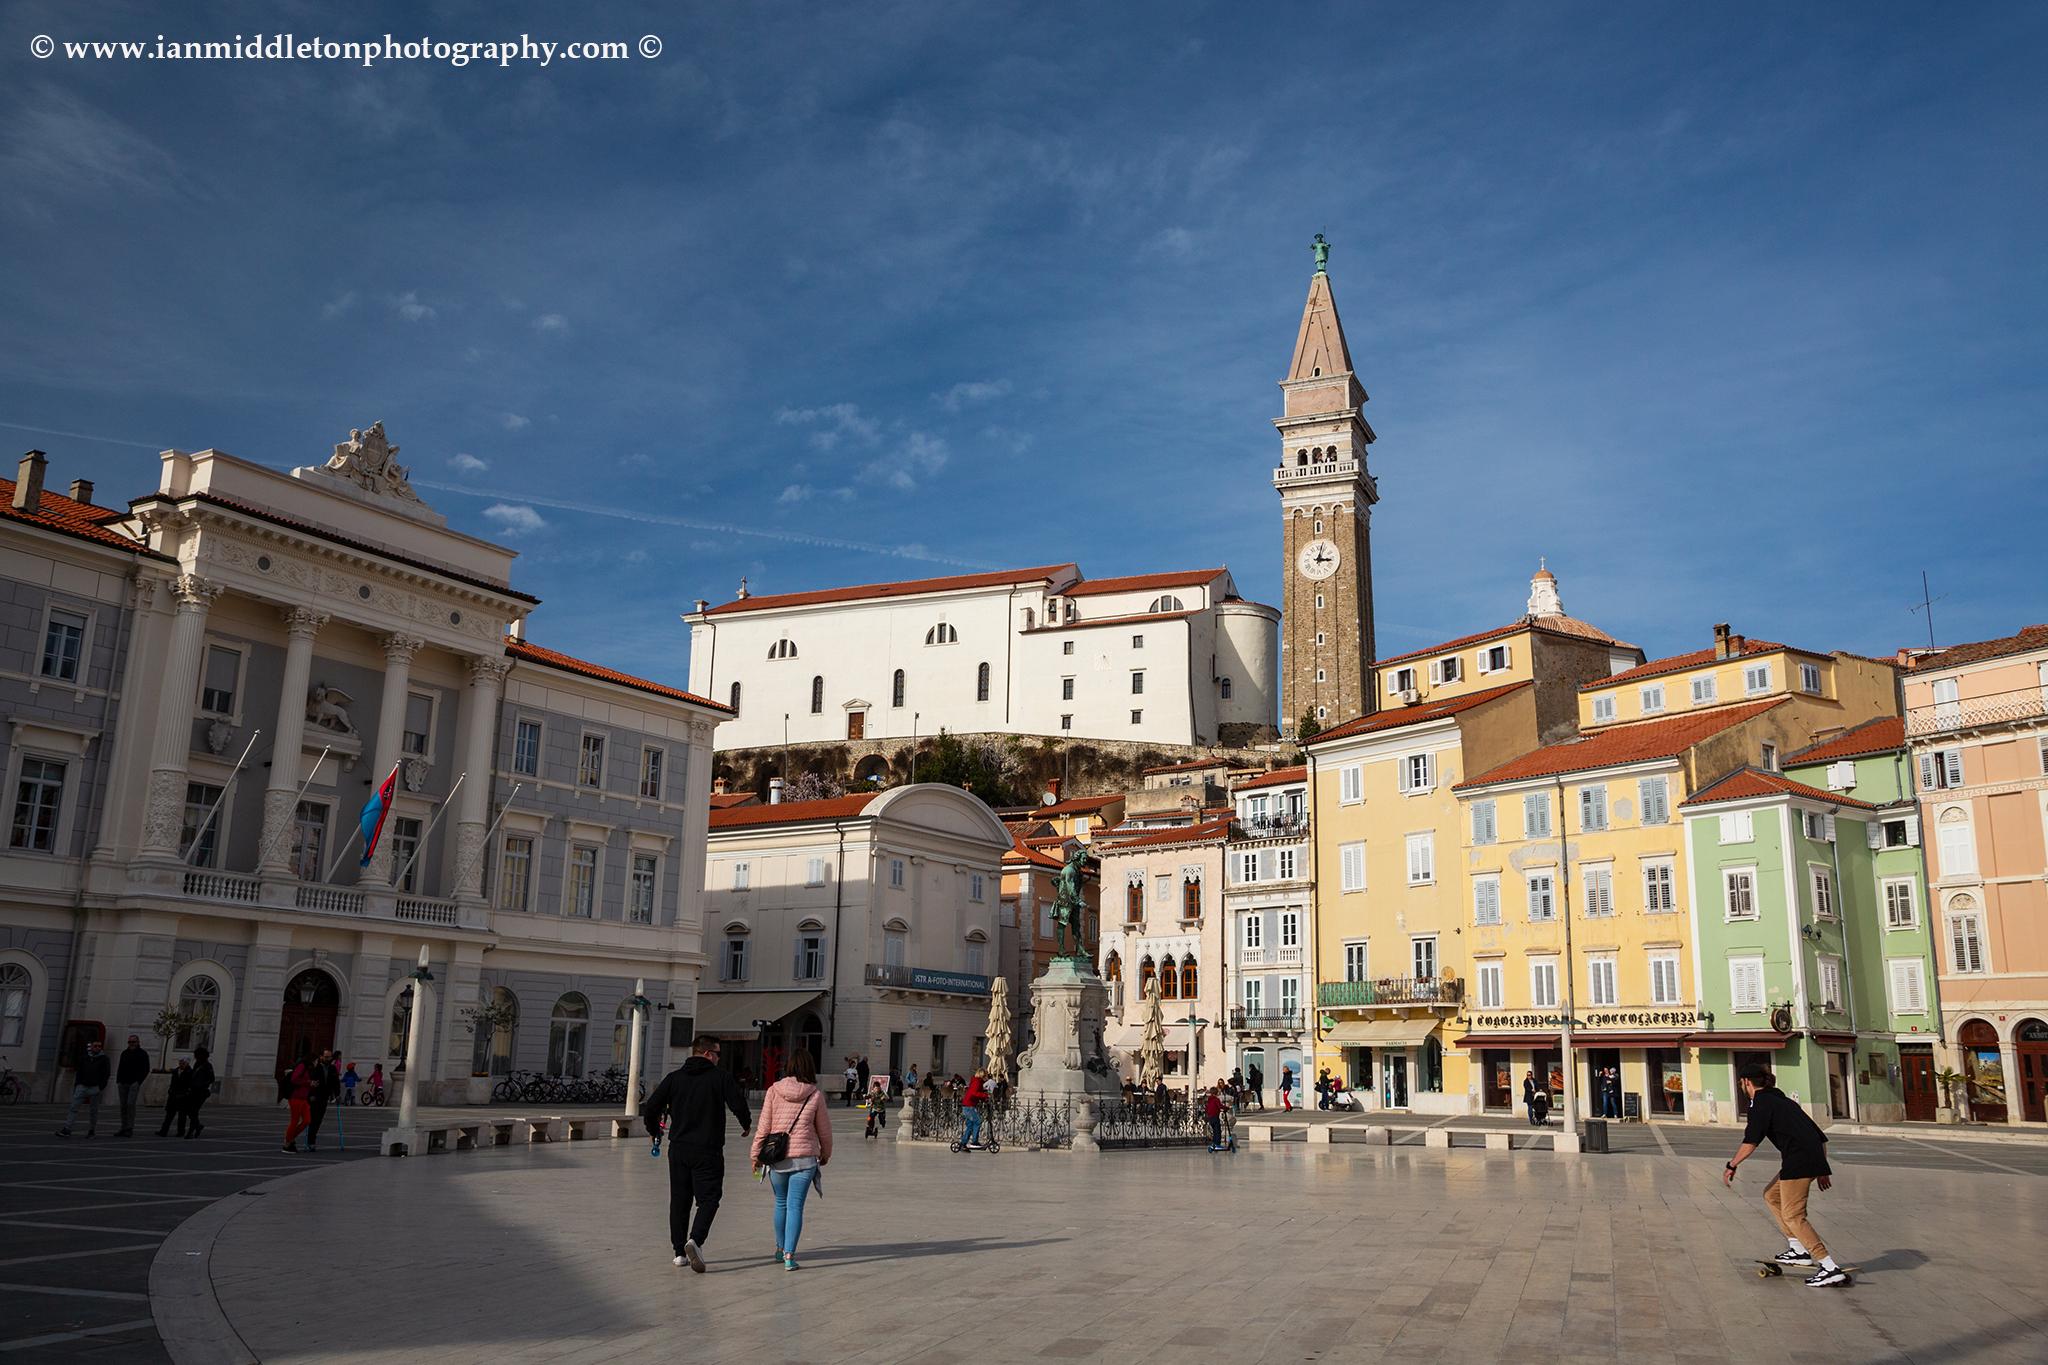 Tartini Square in Piran, Slovenia